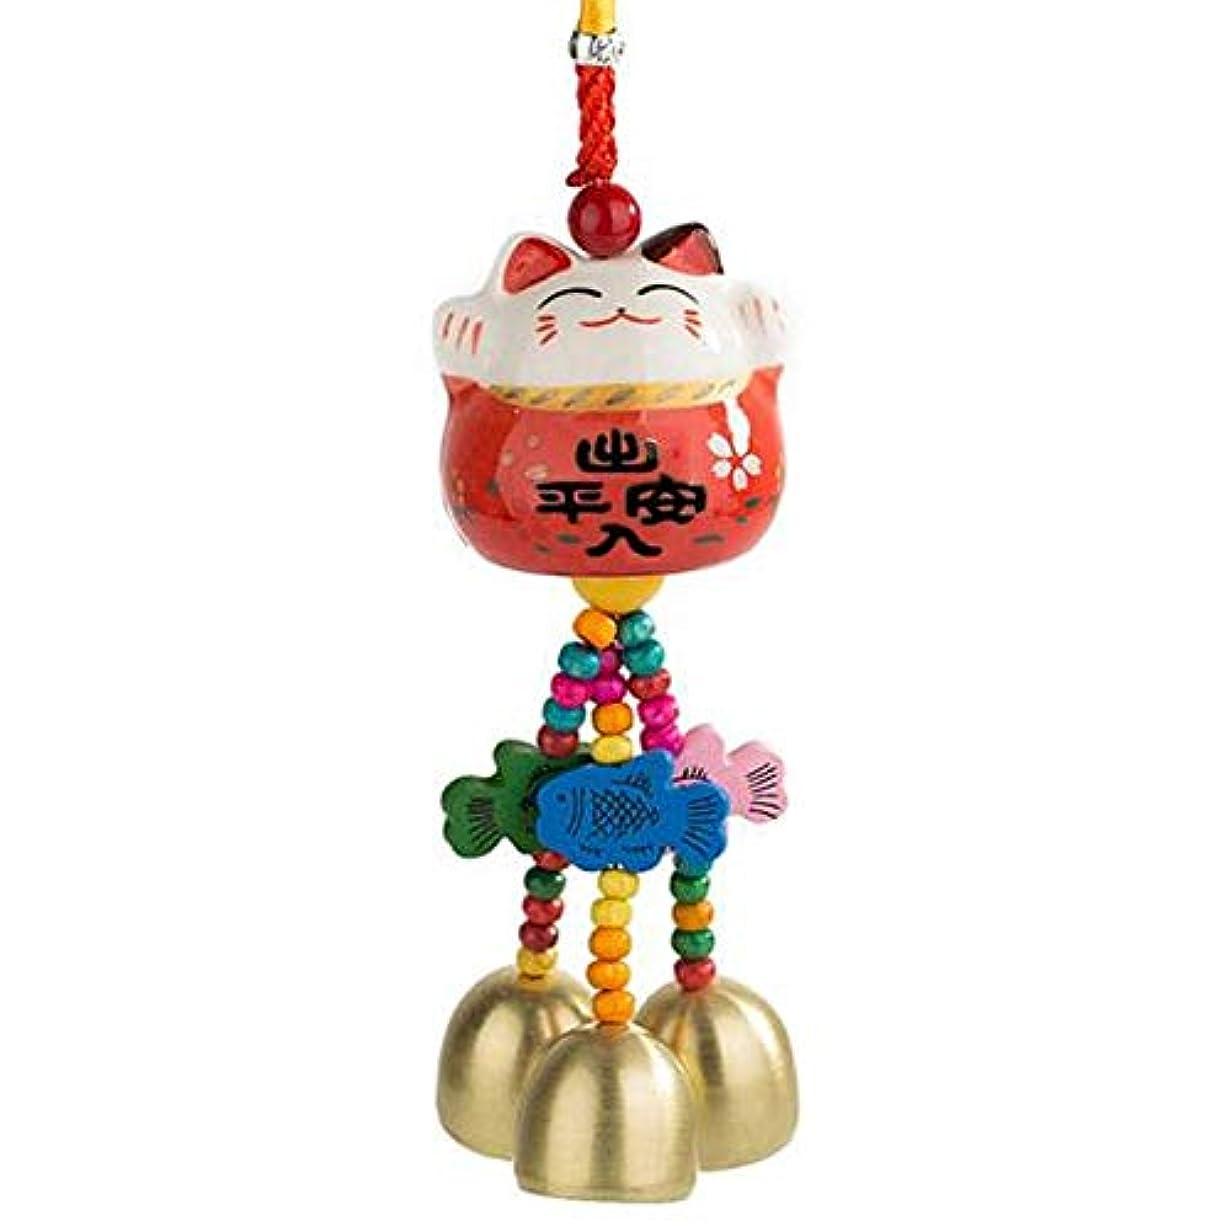 困難フィッティング前部Hongyuantongxun 風チャイム、かわいいクリエイティブセラミック猫風の鐘、ブルー、ロング28センチメートル,、装飾品ペンダント (Color : Red)